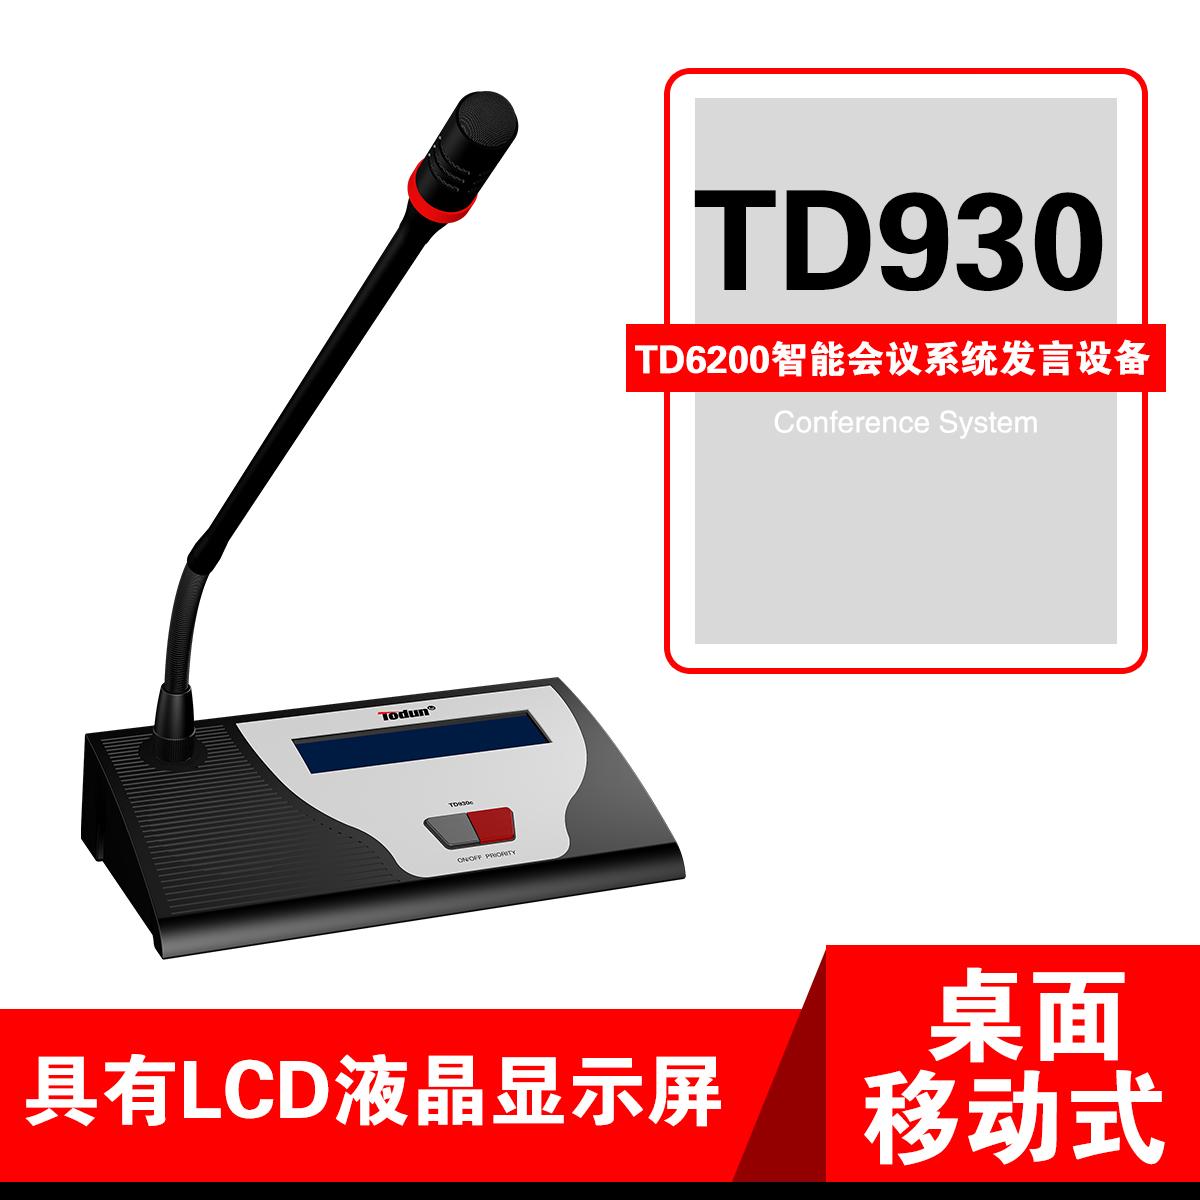 学院学校多功能厅-数字讨论视像会议系统TD6200 会议发言话筒TD930